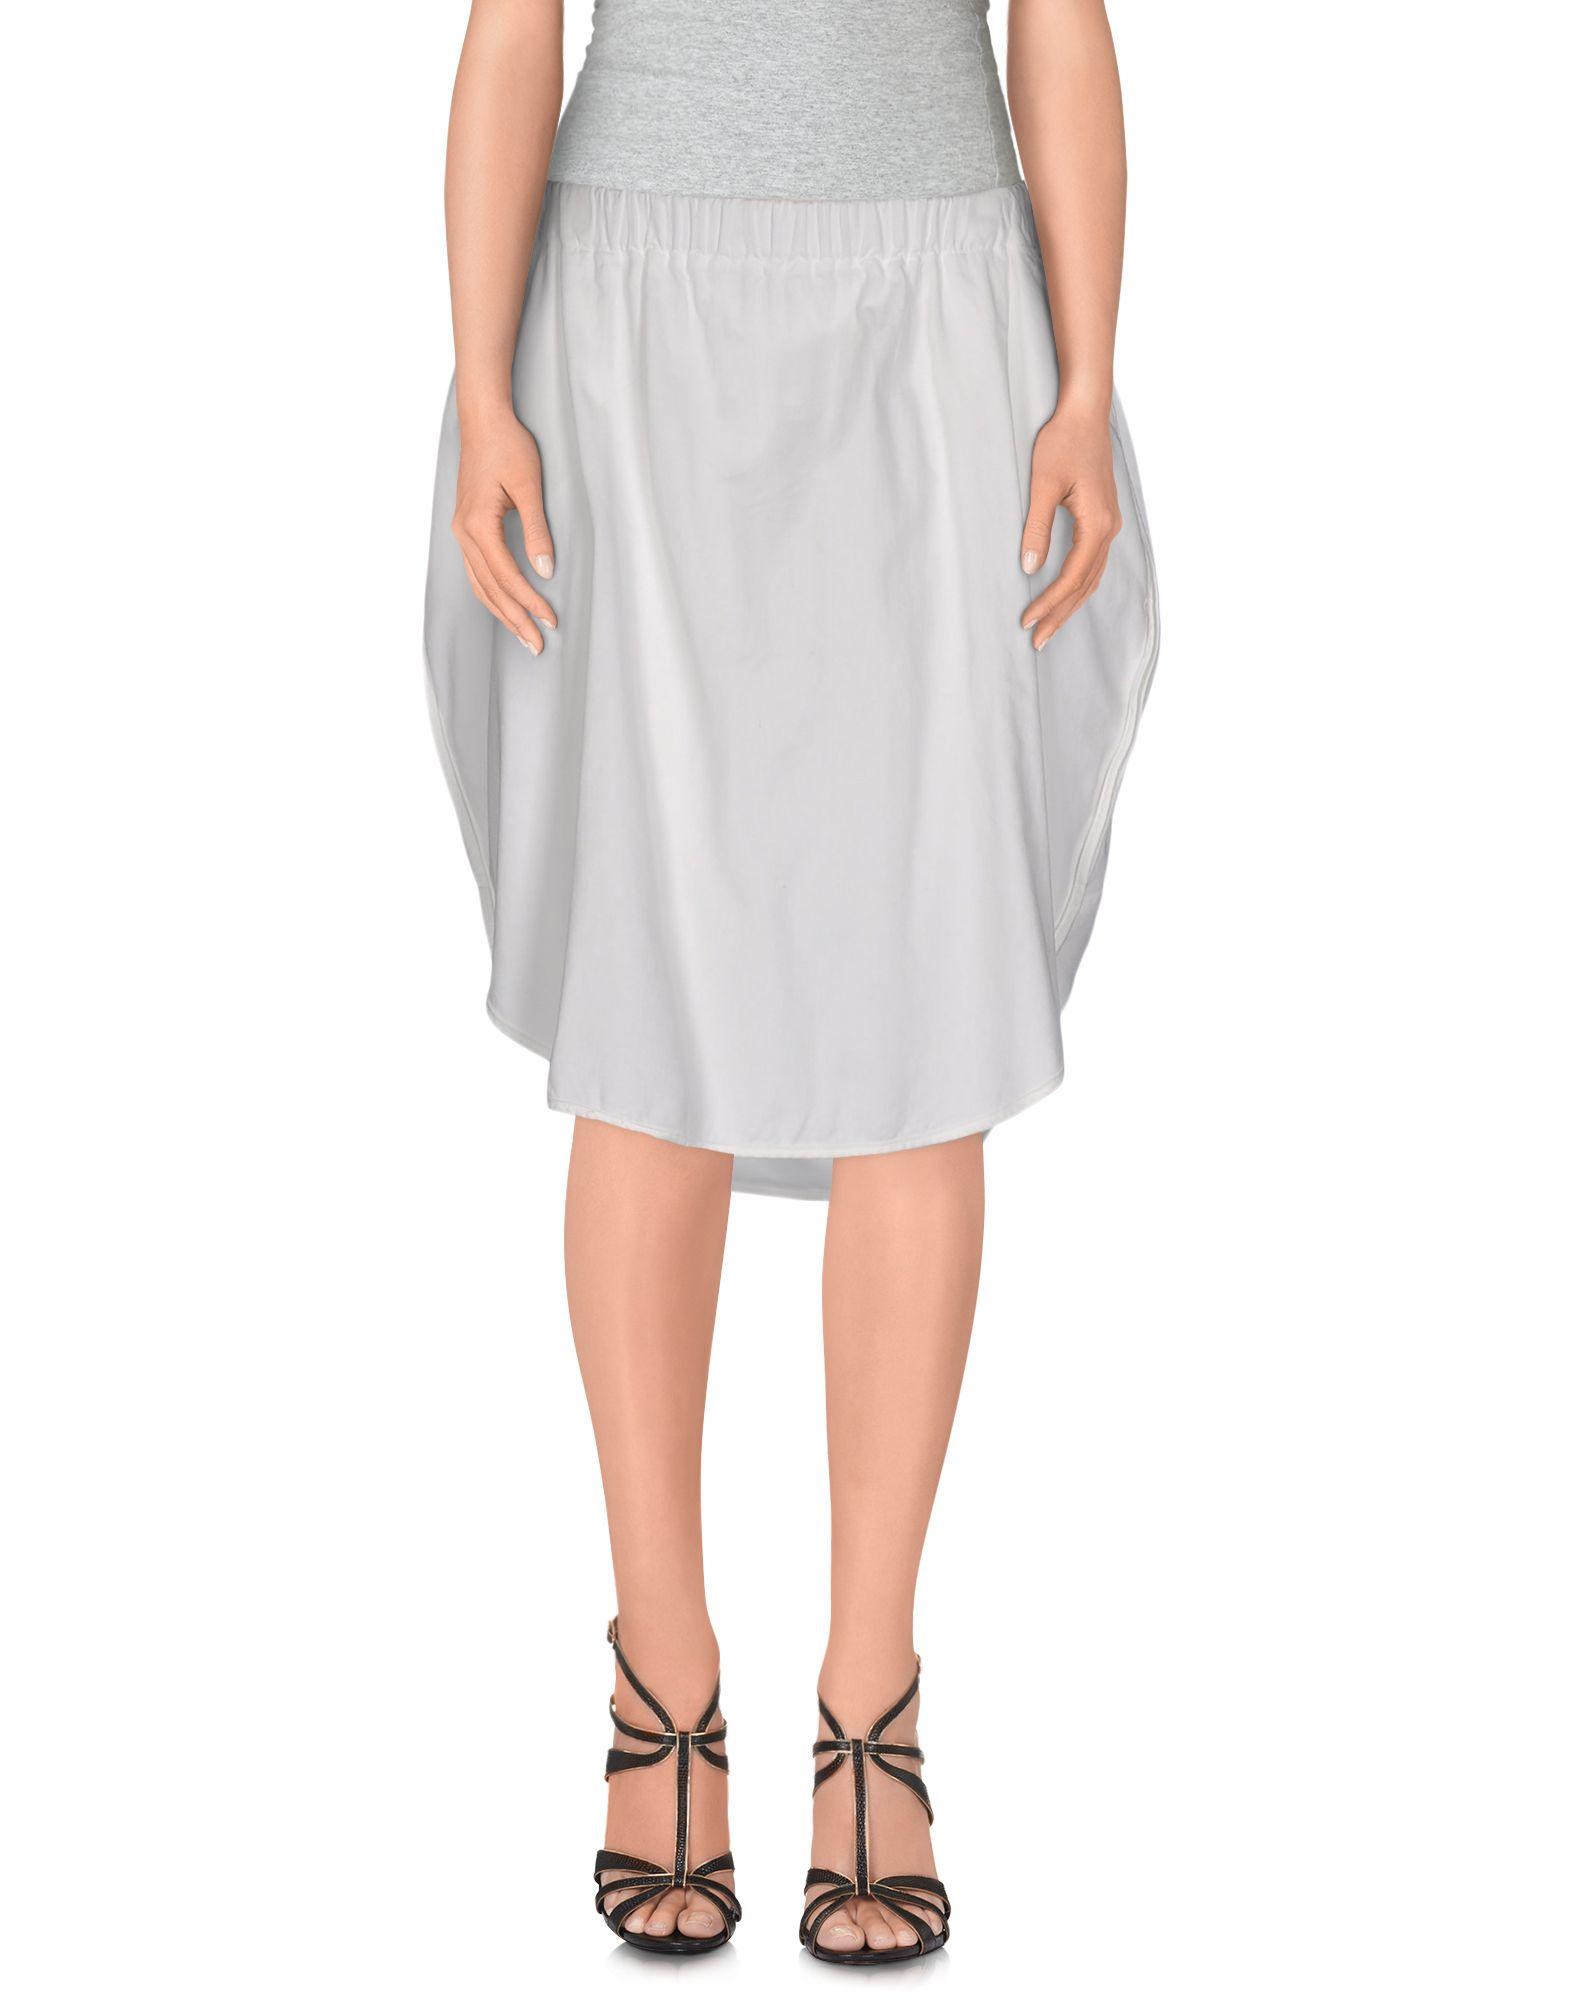 avn knee length skirt in white lyst